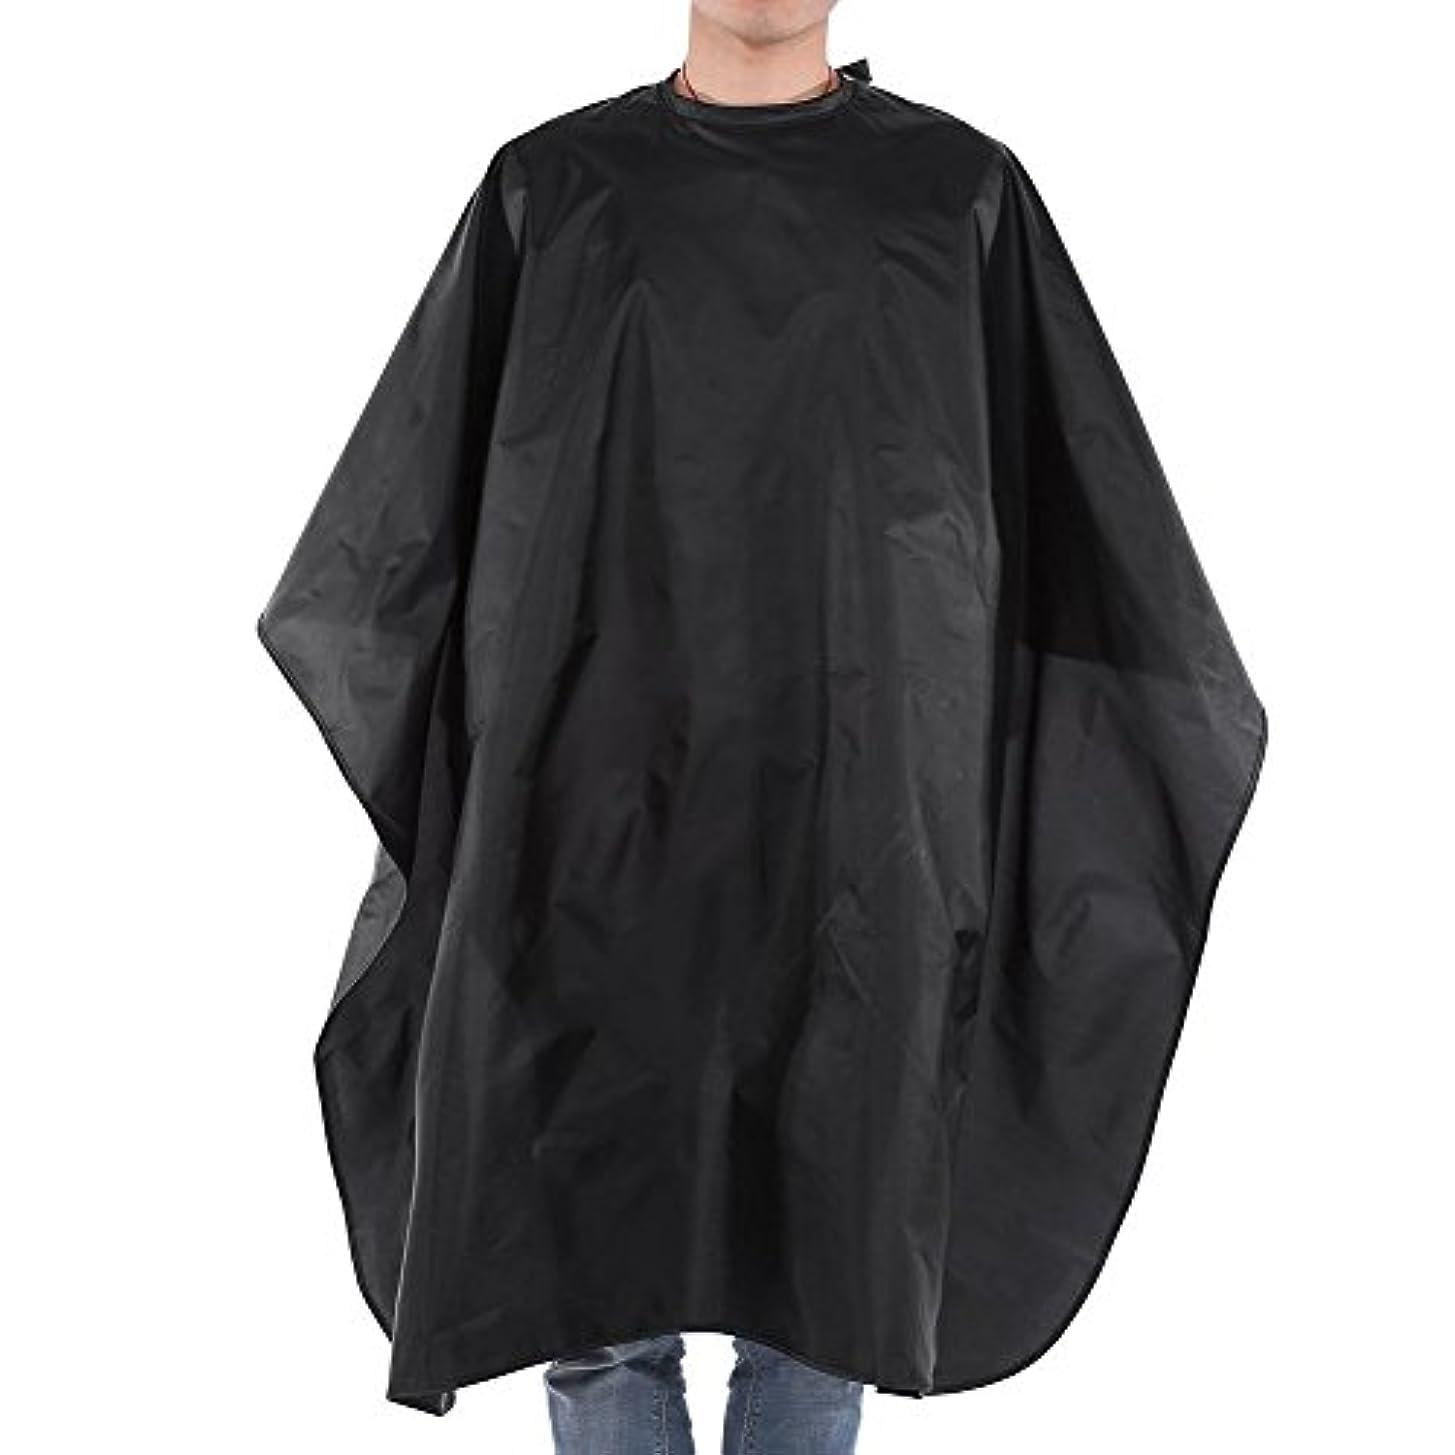 暖かさ試用不快理容室スタイリングケープ、ブラックサロンヘアカット理髪理髪店ケープガウン大人の布防水スナップクロージャー59×47インチ